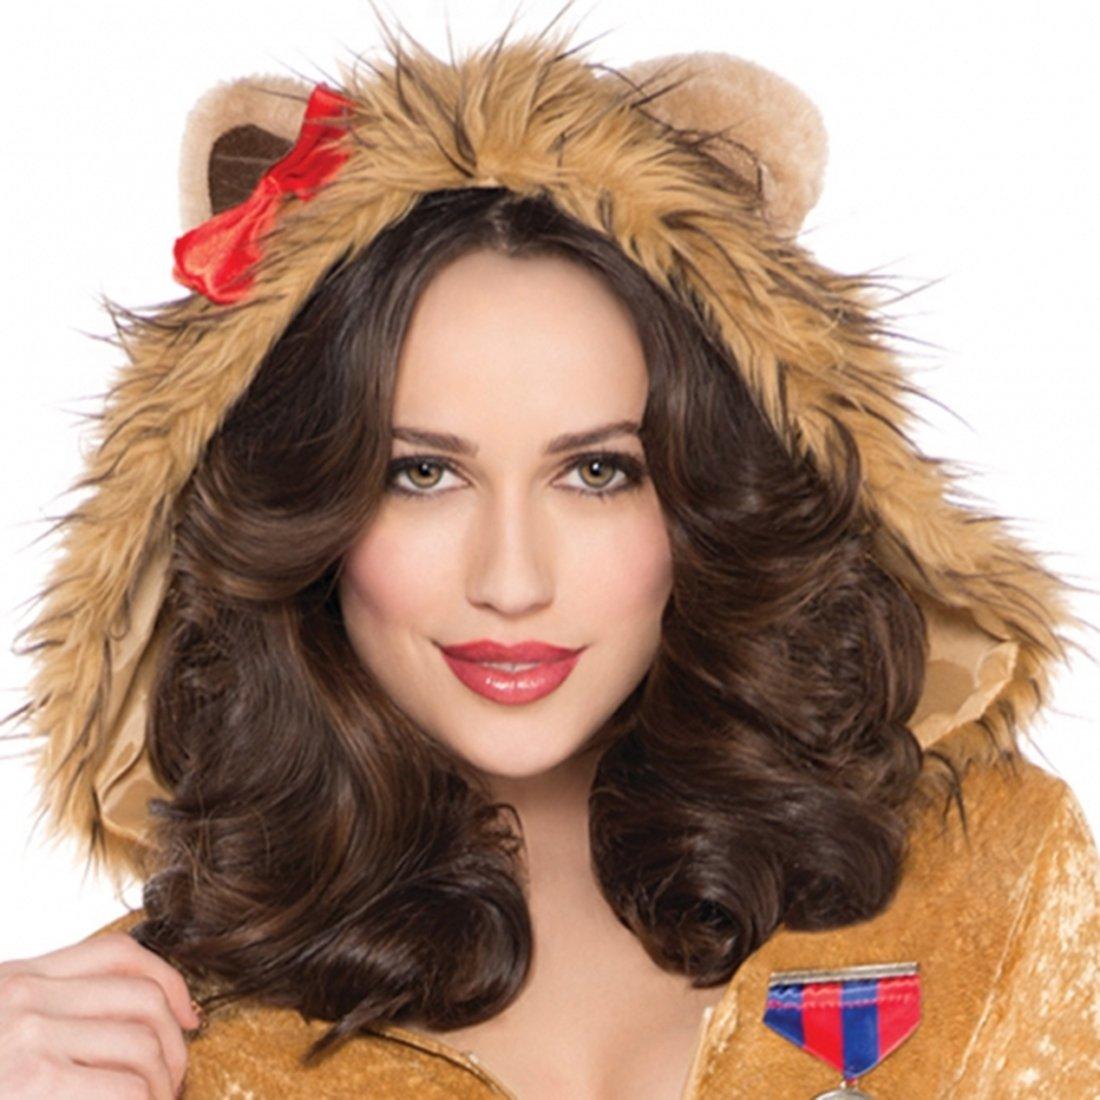 Halloweenia Erwachsene Fashion Sweet Lion Löwen Kostüm Minikleid, M, Braun Braun Braun 27c1c0